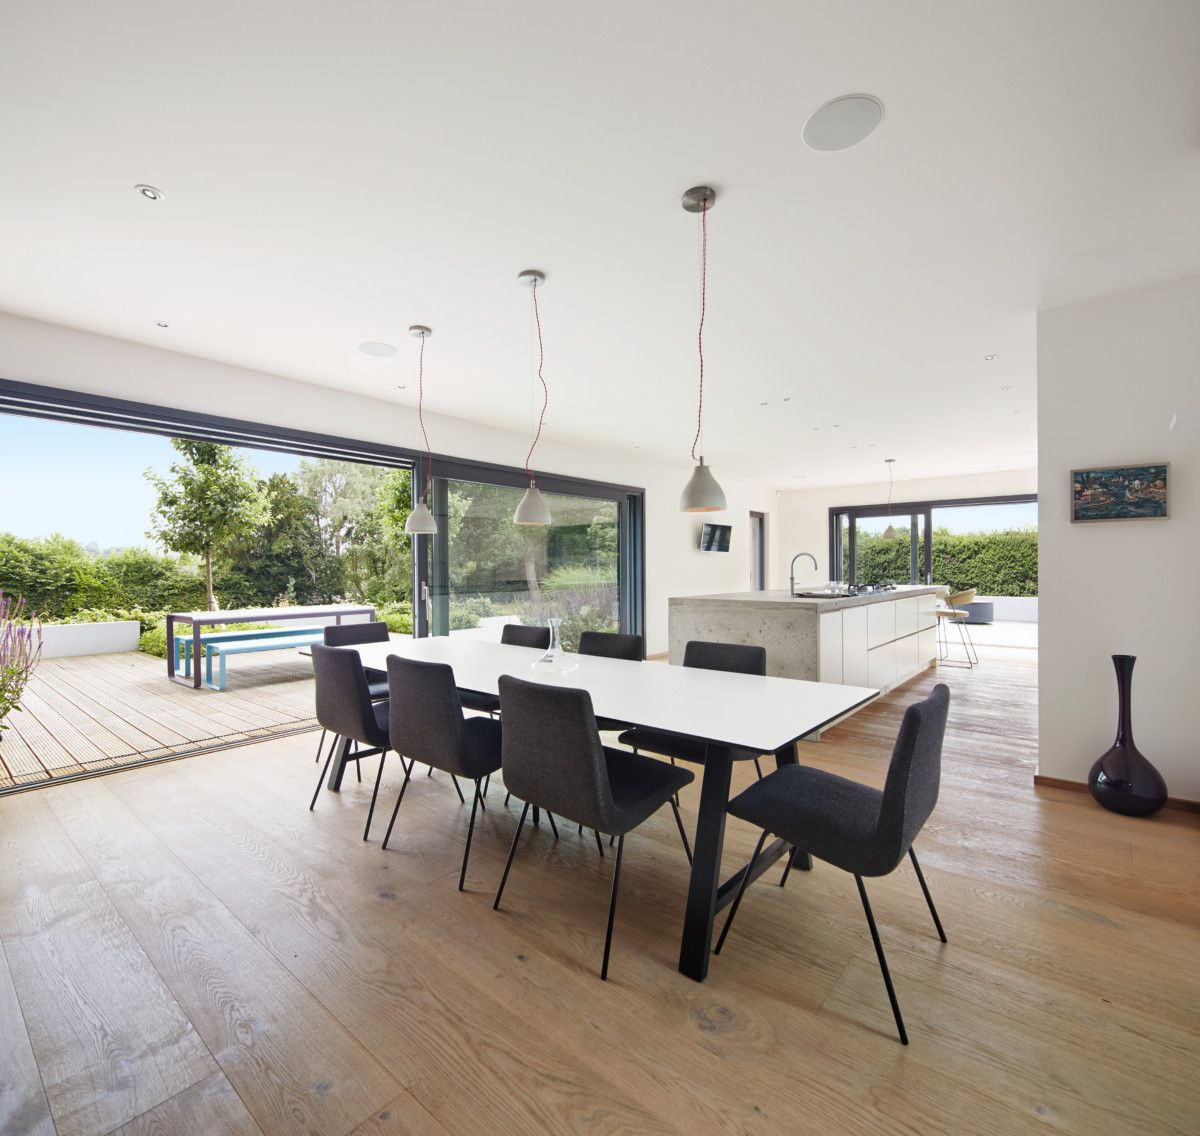 Esszimmer modern mit offener Kche  Ideen Einrichtung DesignHaus Weald House Baufritz